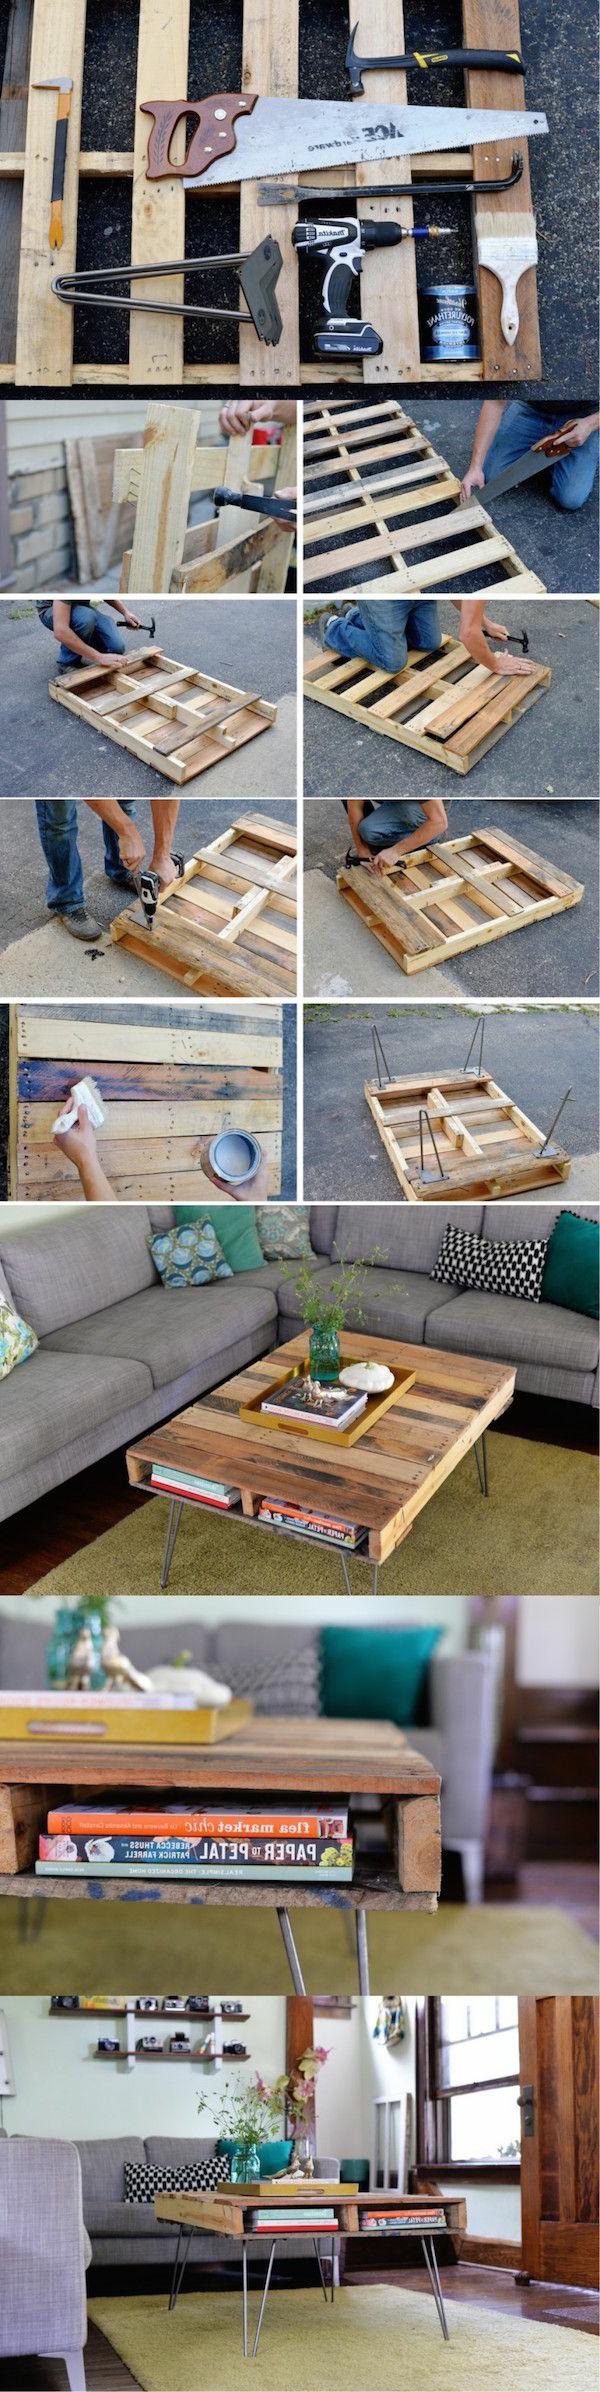 table-basse-avec-palette-canapé-gris-salon-fleurs